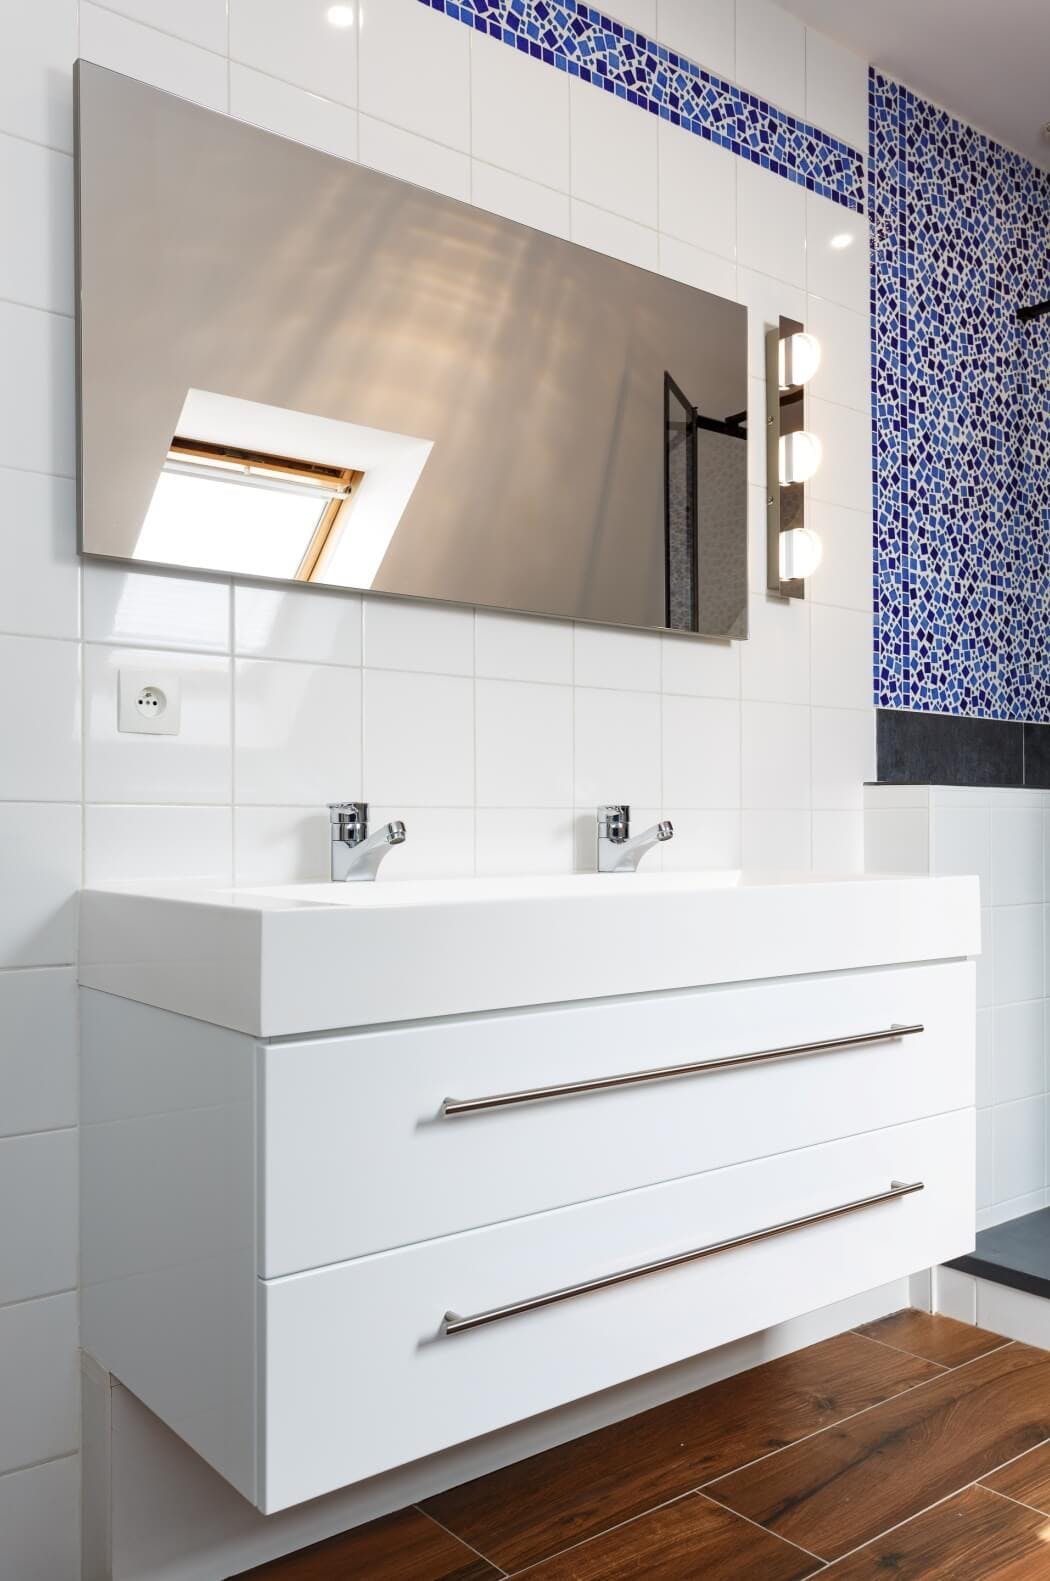 Rénovation salle de bain ambiance marine ou bord de mer avec meuble sous vasque blanc